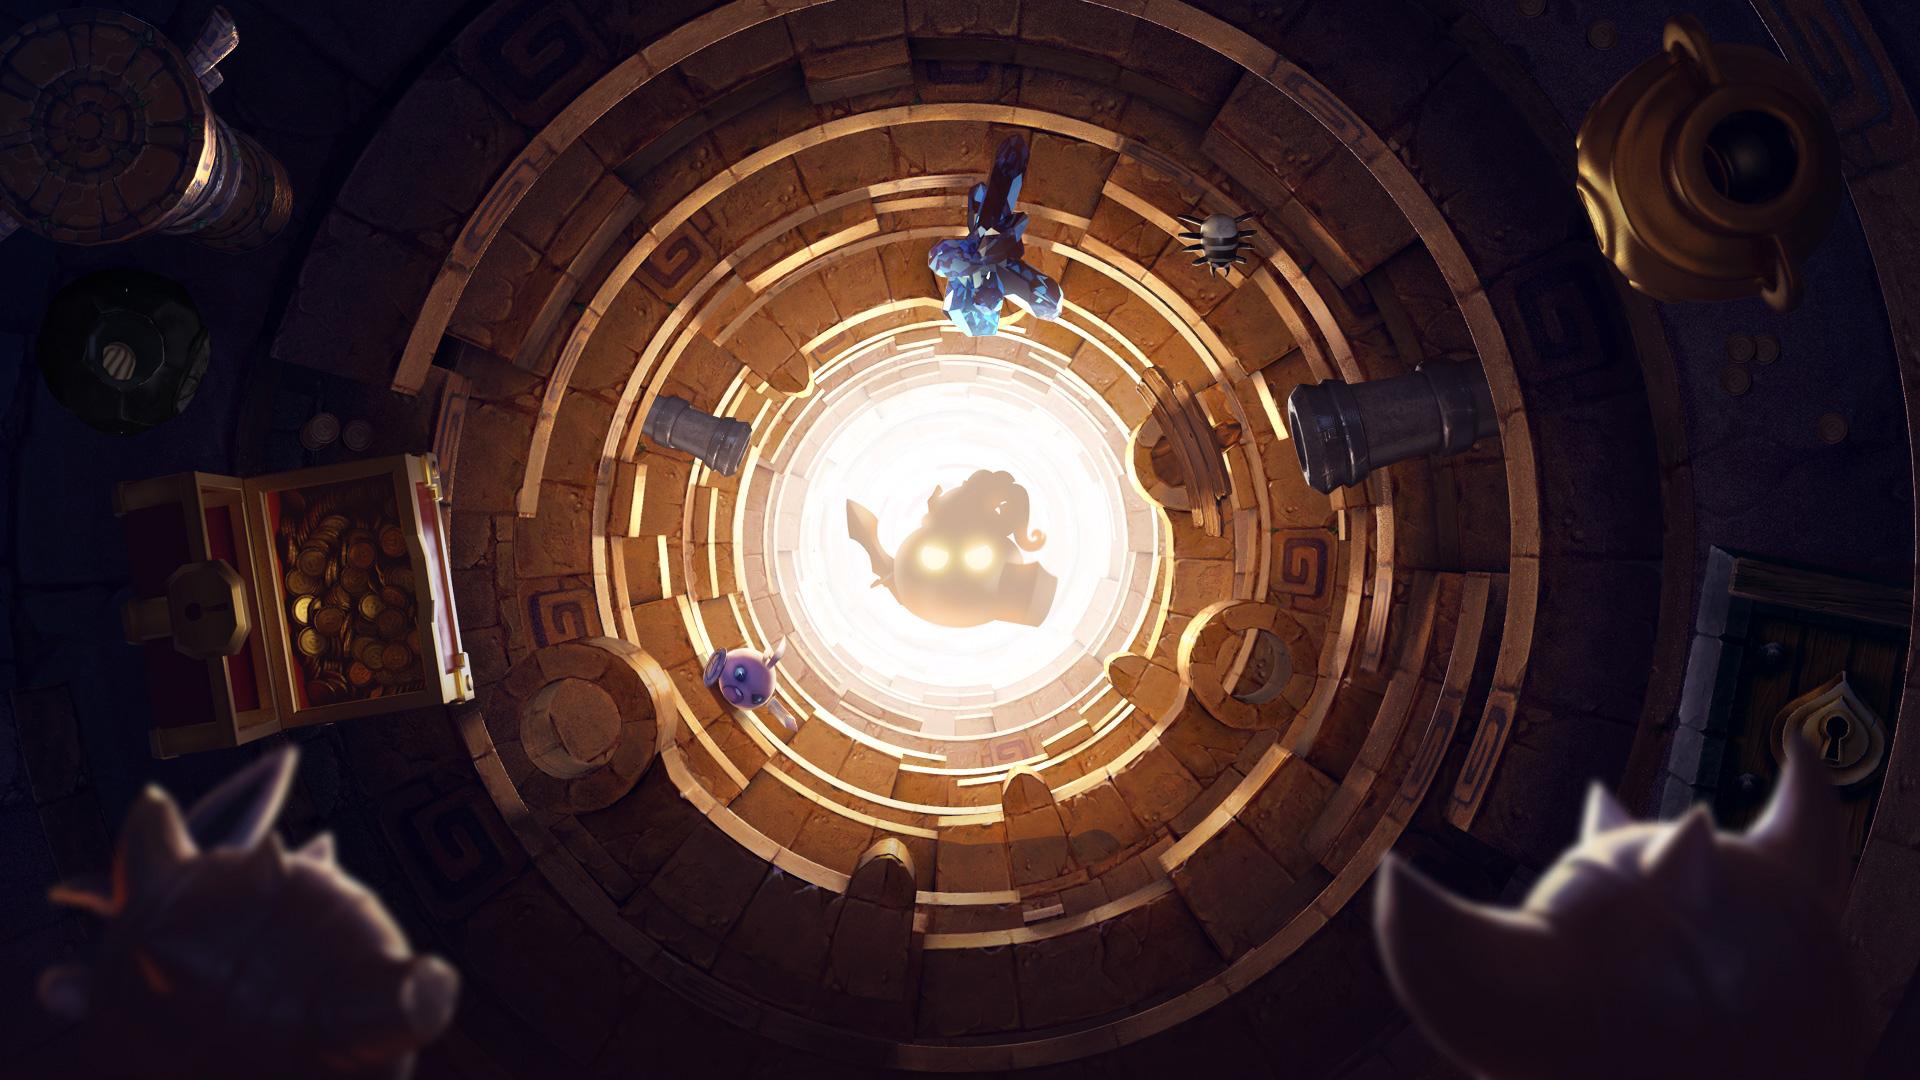 地下城堡2:黑暗觉醒 模拟经营 地牢探险, 快来率领你的民众和勇者